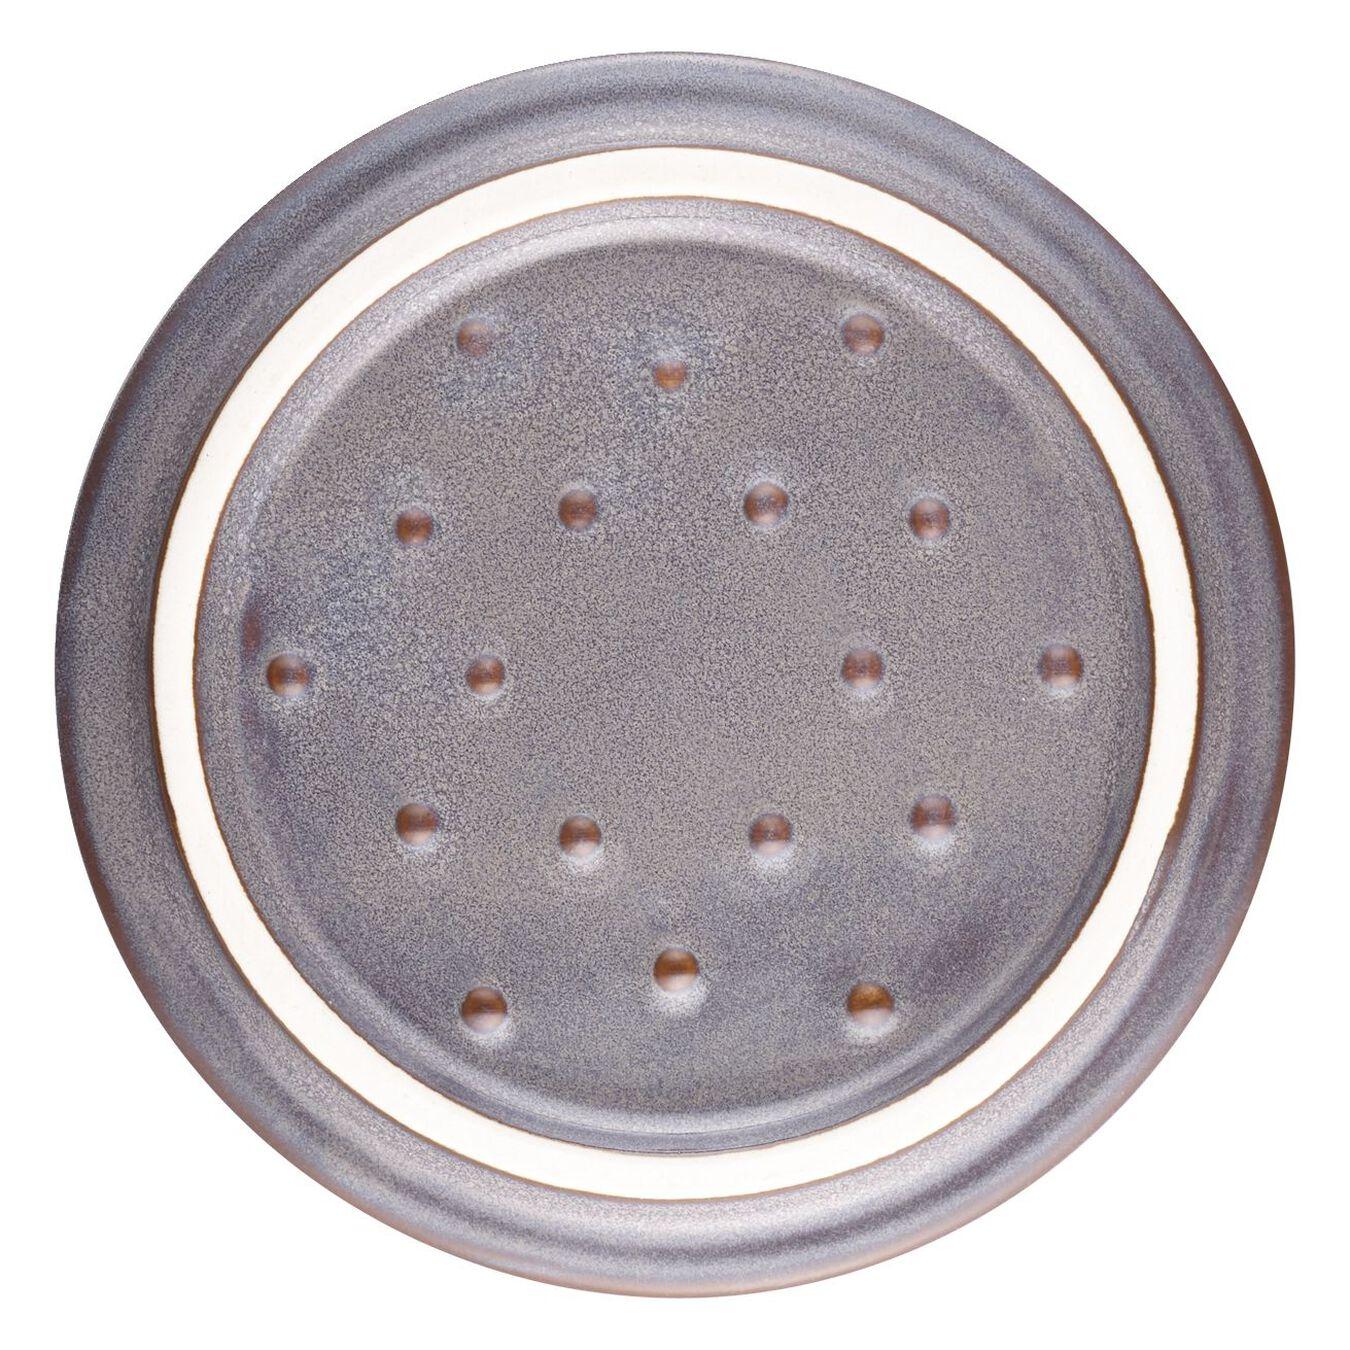 Mini cocotte rotonda - 10 cm, grigio antico,,large 5